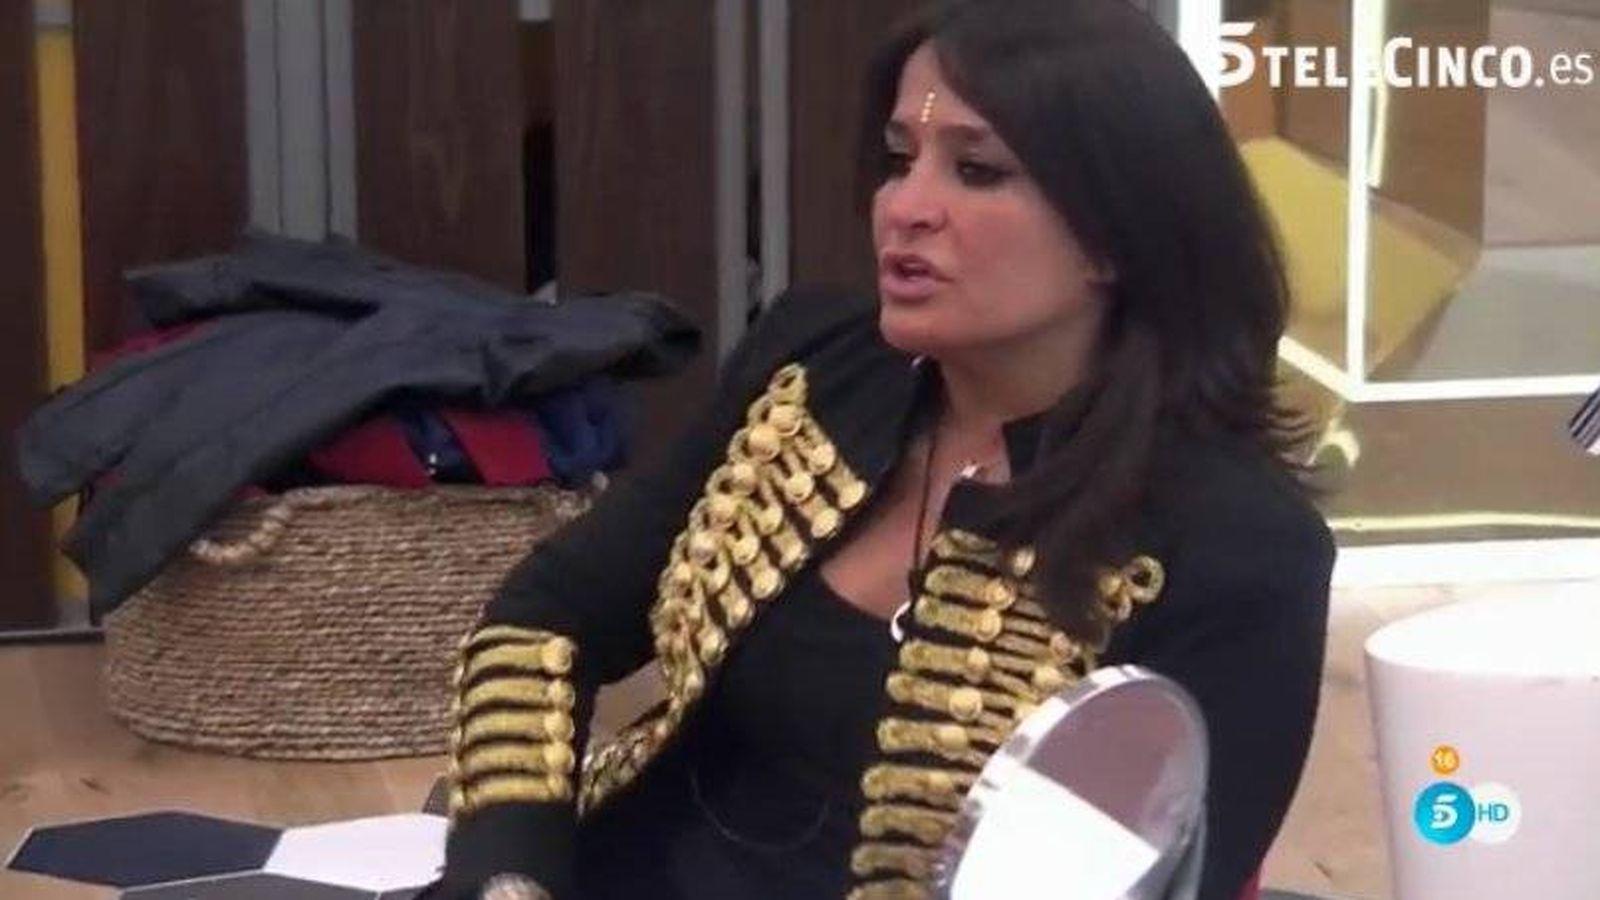 Aida Nizar Desnuda gh vip 5: la imagen que aida nízar pidió que no se emitiera